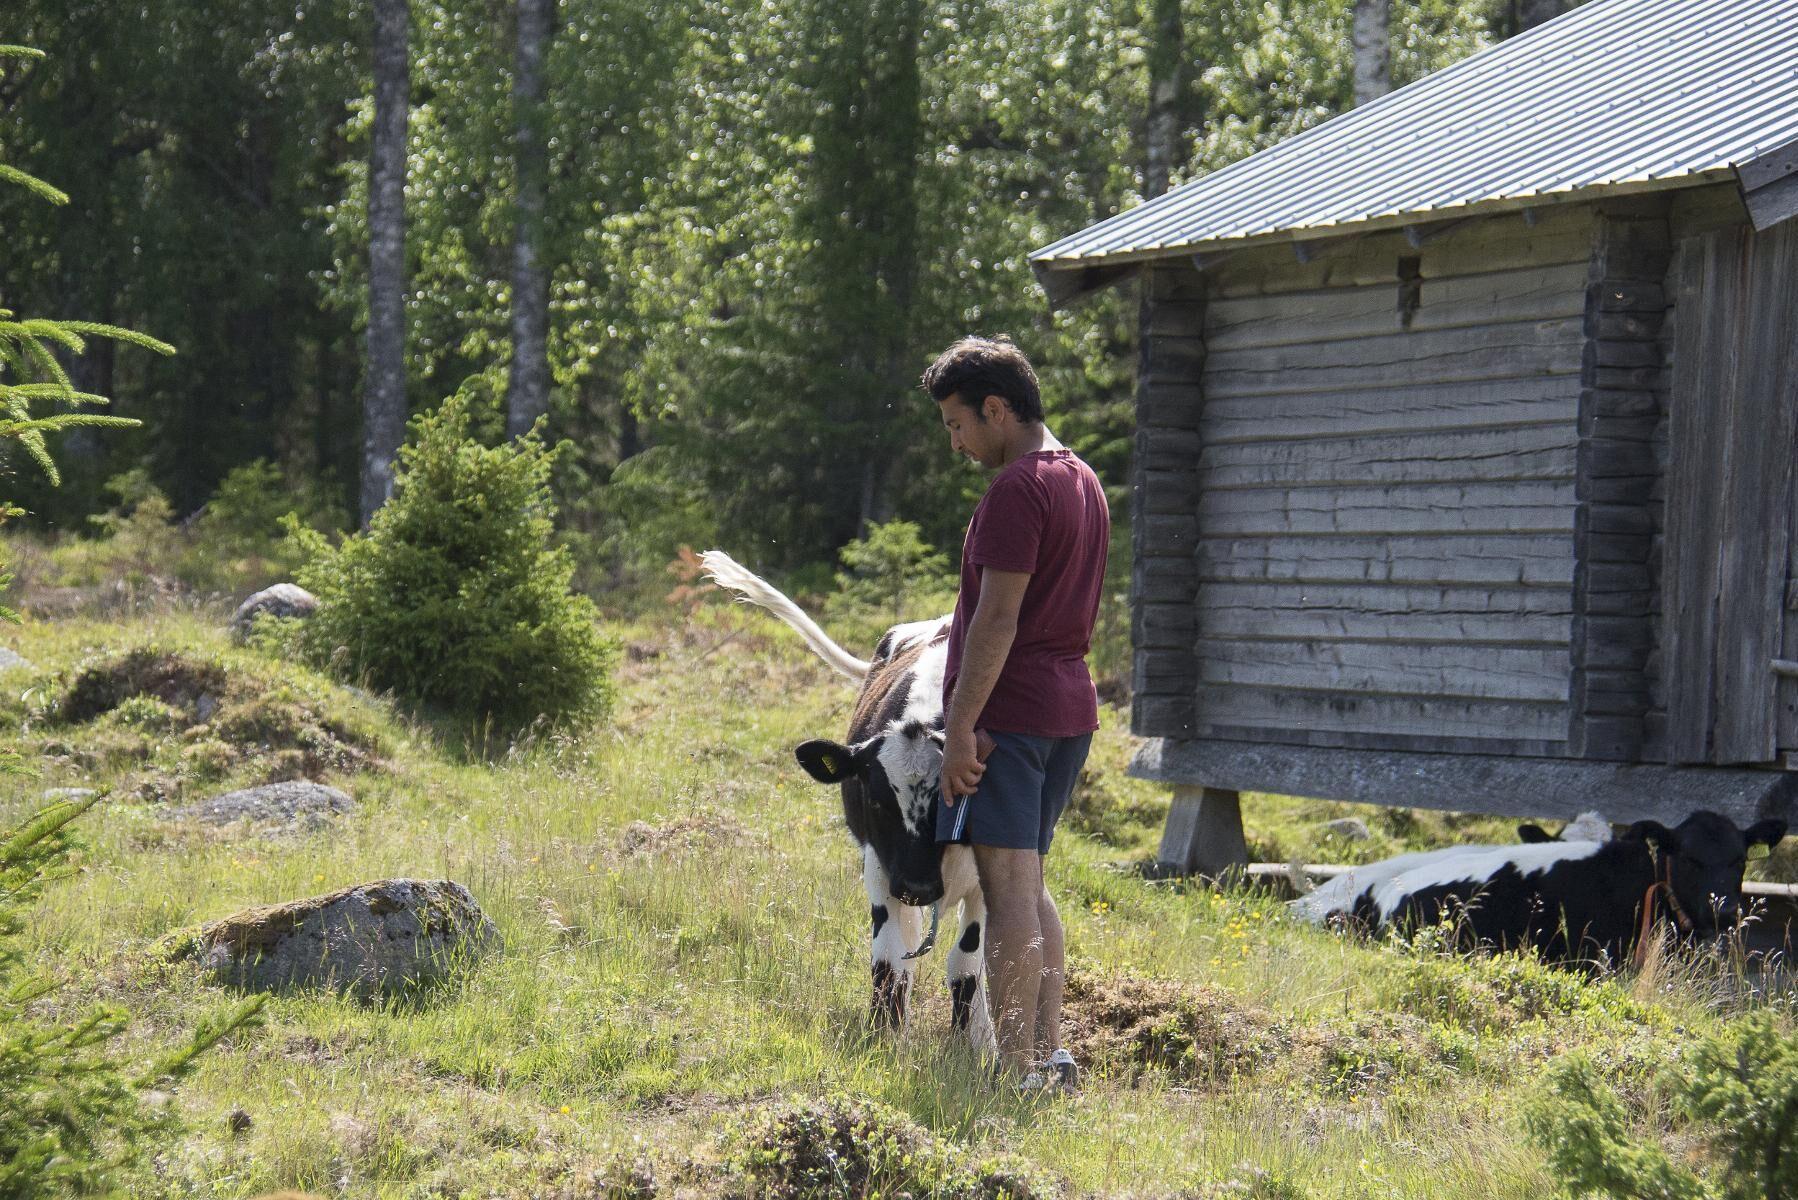 Baqer Mosawi har skaffat sig ett liv i Sverige med djuren och säljer sina egna produkter till folket i bygden.